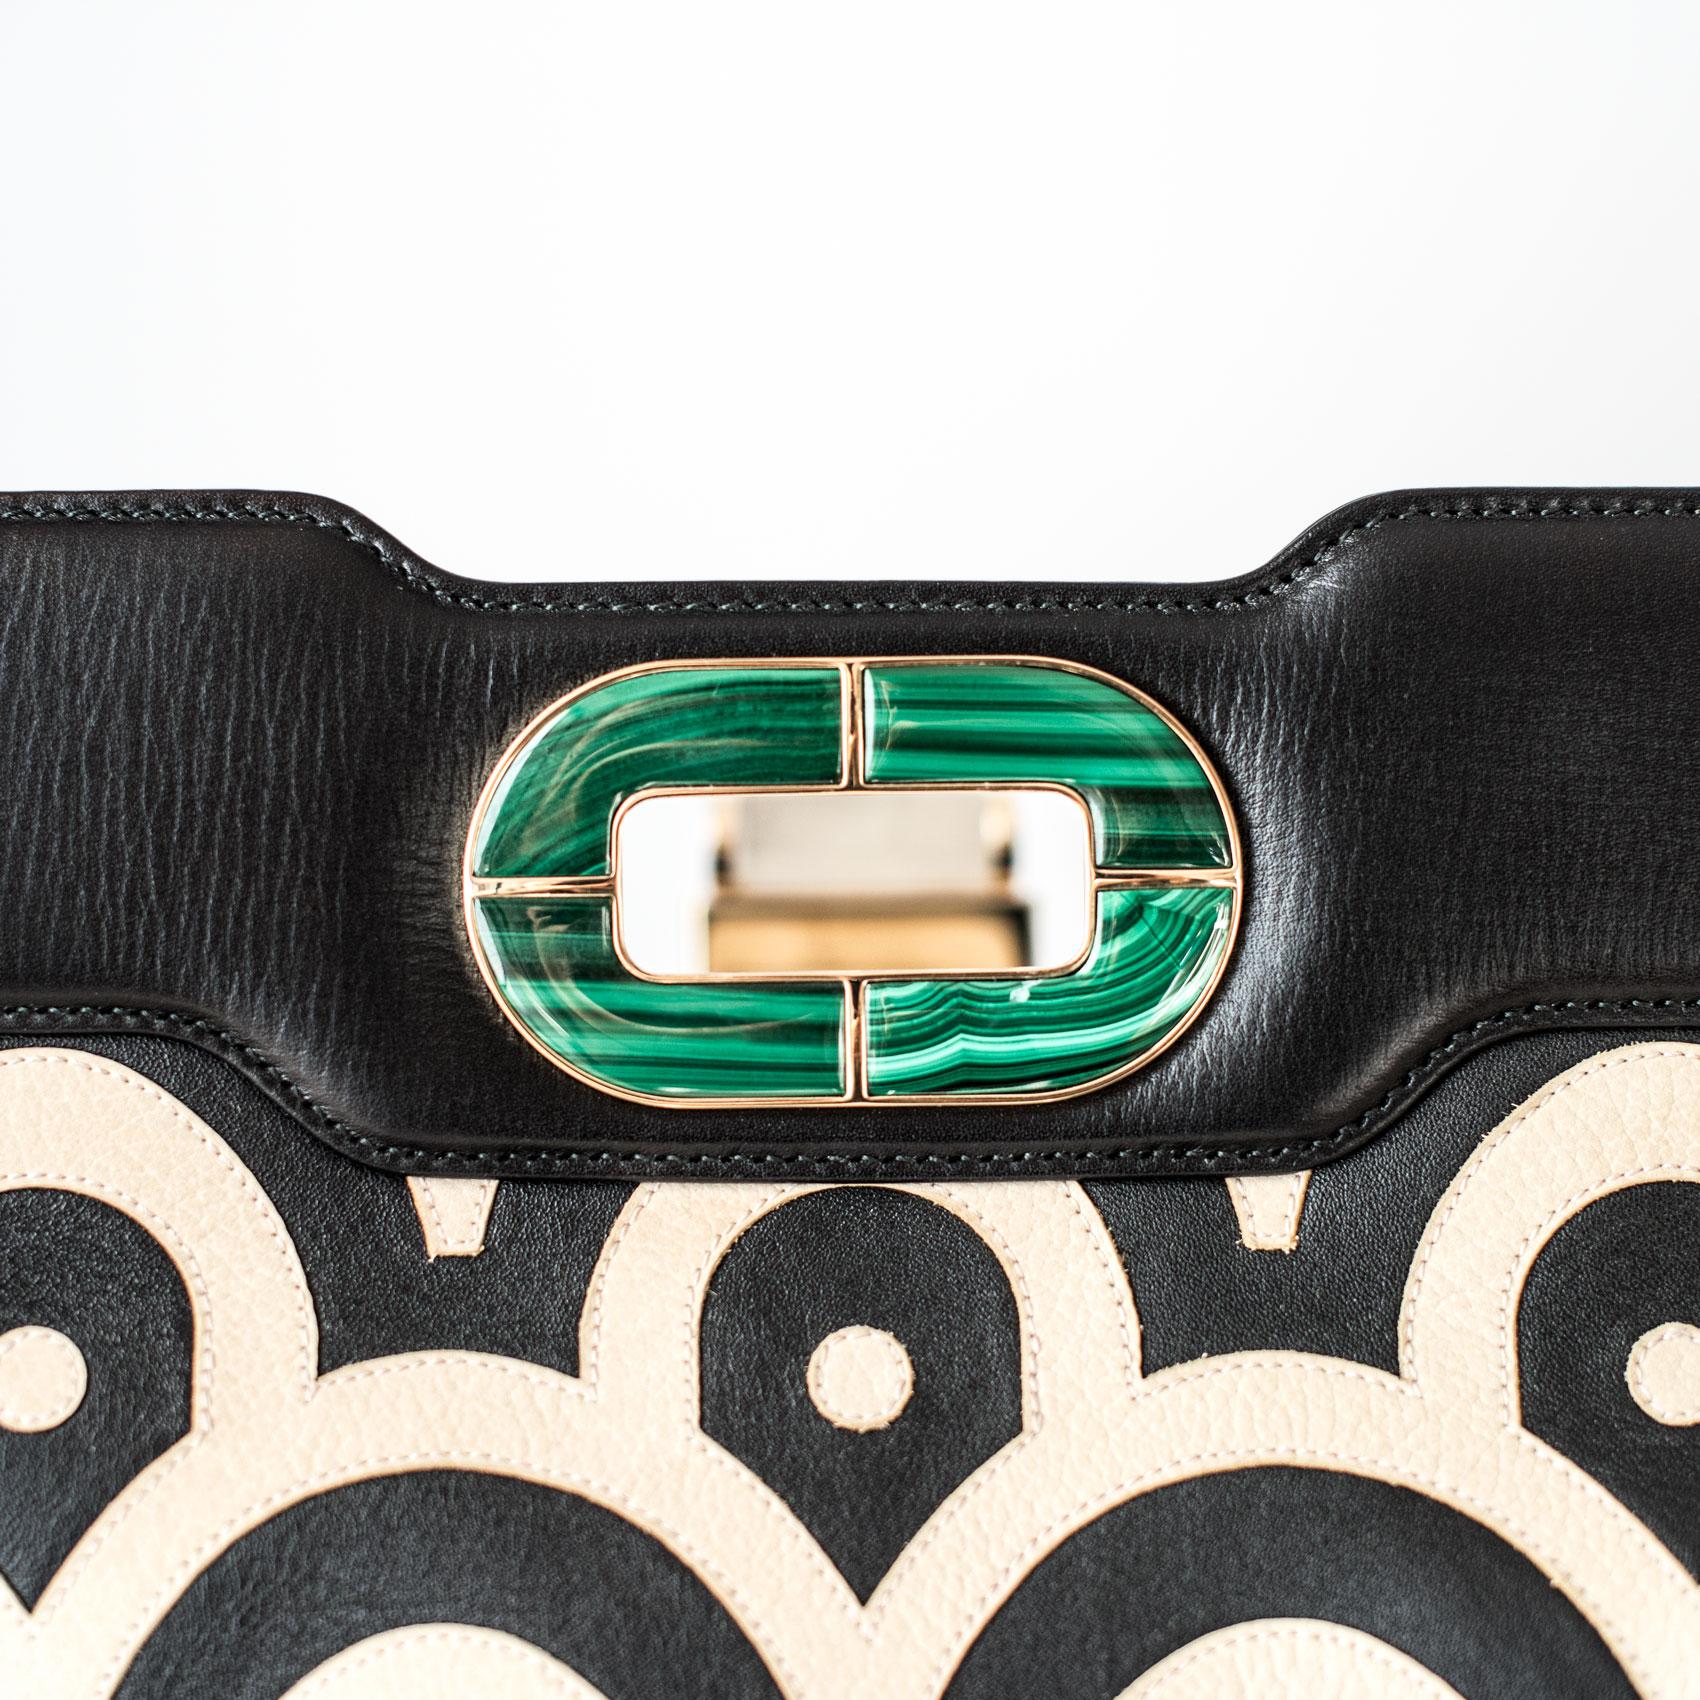 Bvlgari bag detail